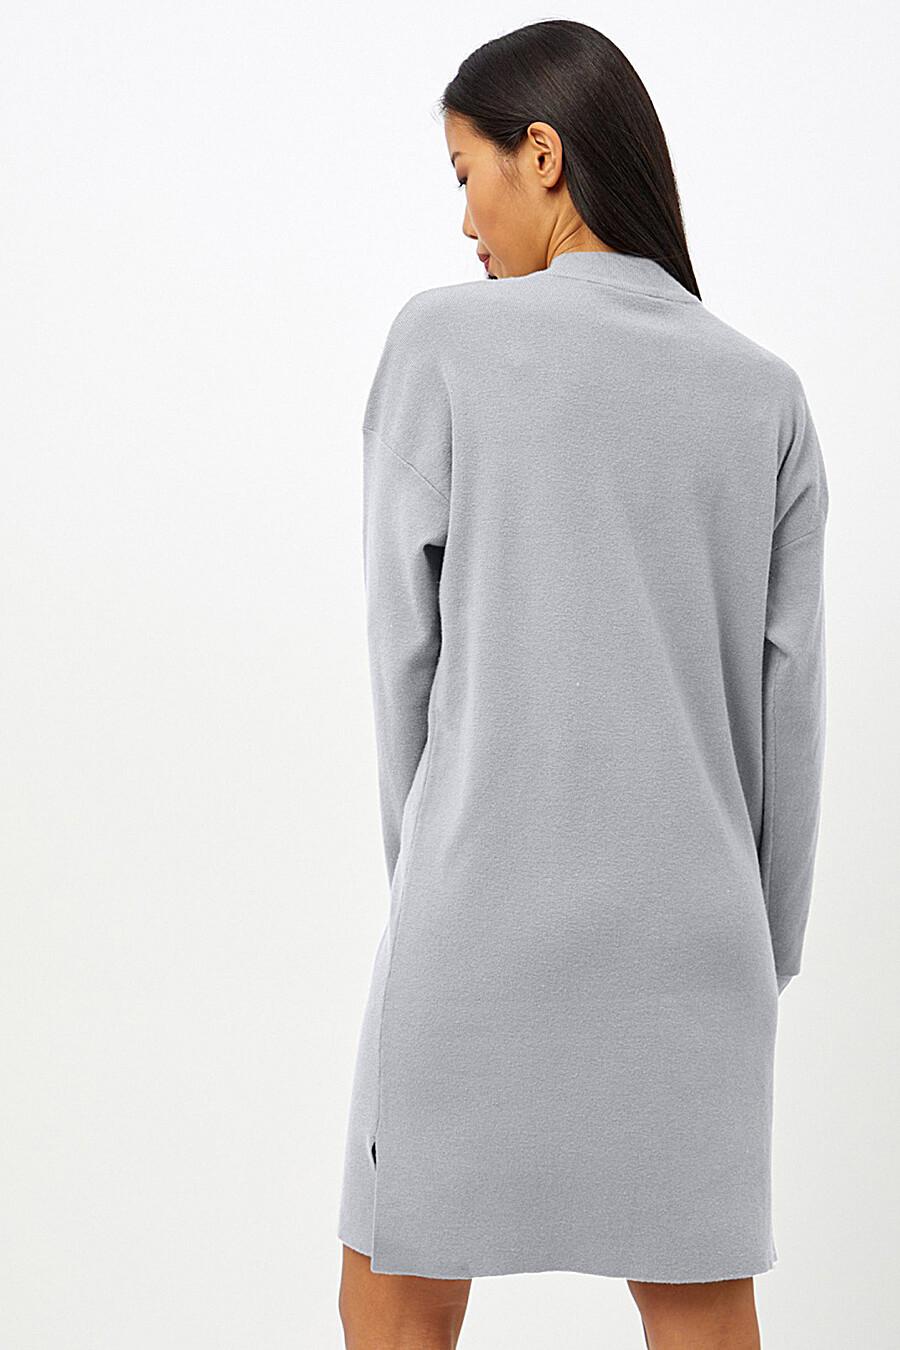 Платье для женщин TOM FARR 155110 купить оптом от производителя. Совместная покупка женской одежды в OptMoyo